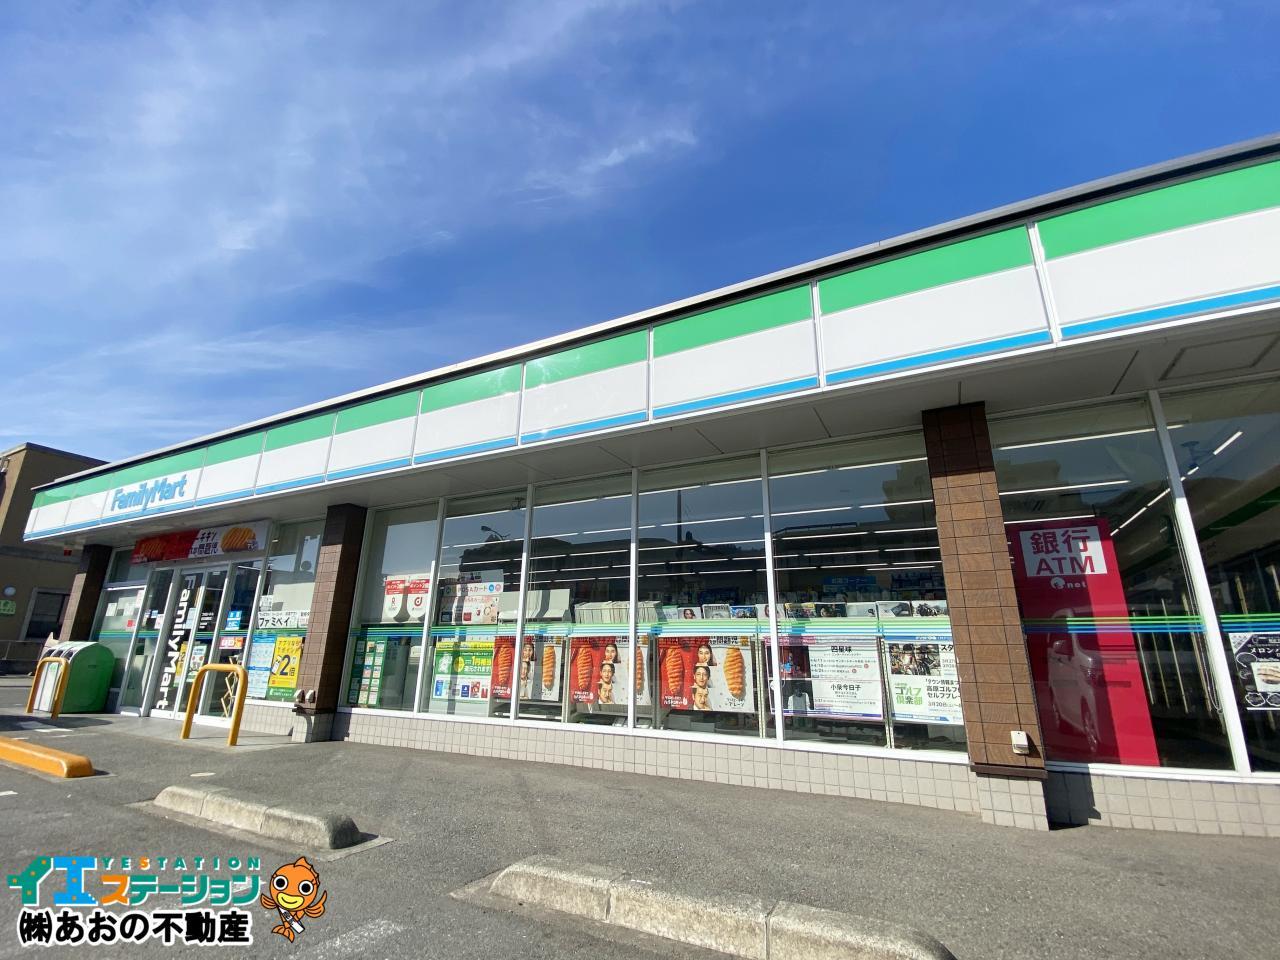 ファミリーマート 佐古四番町店